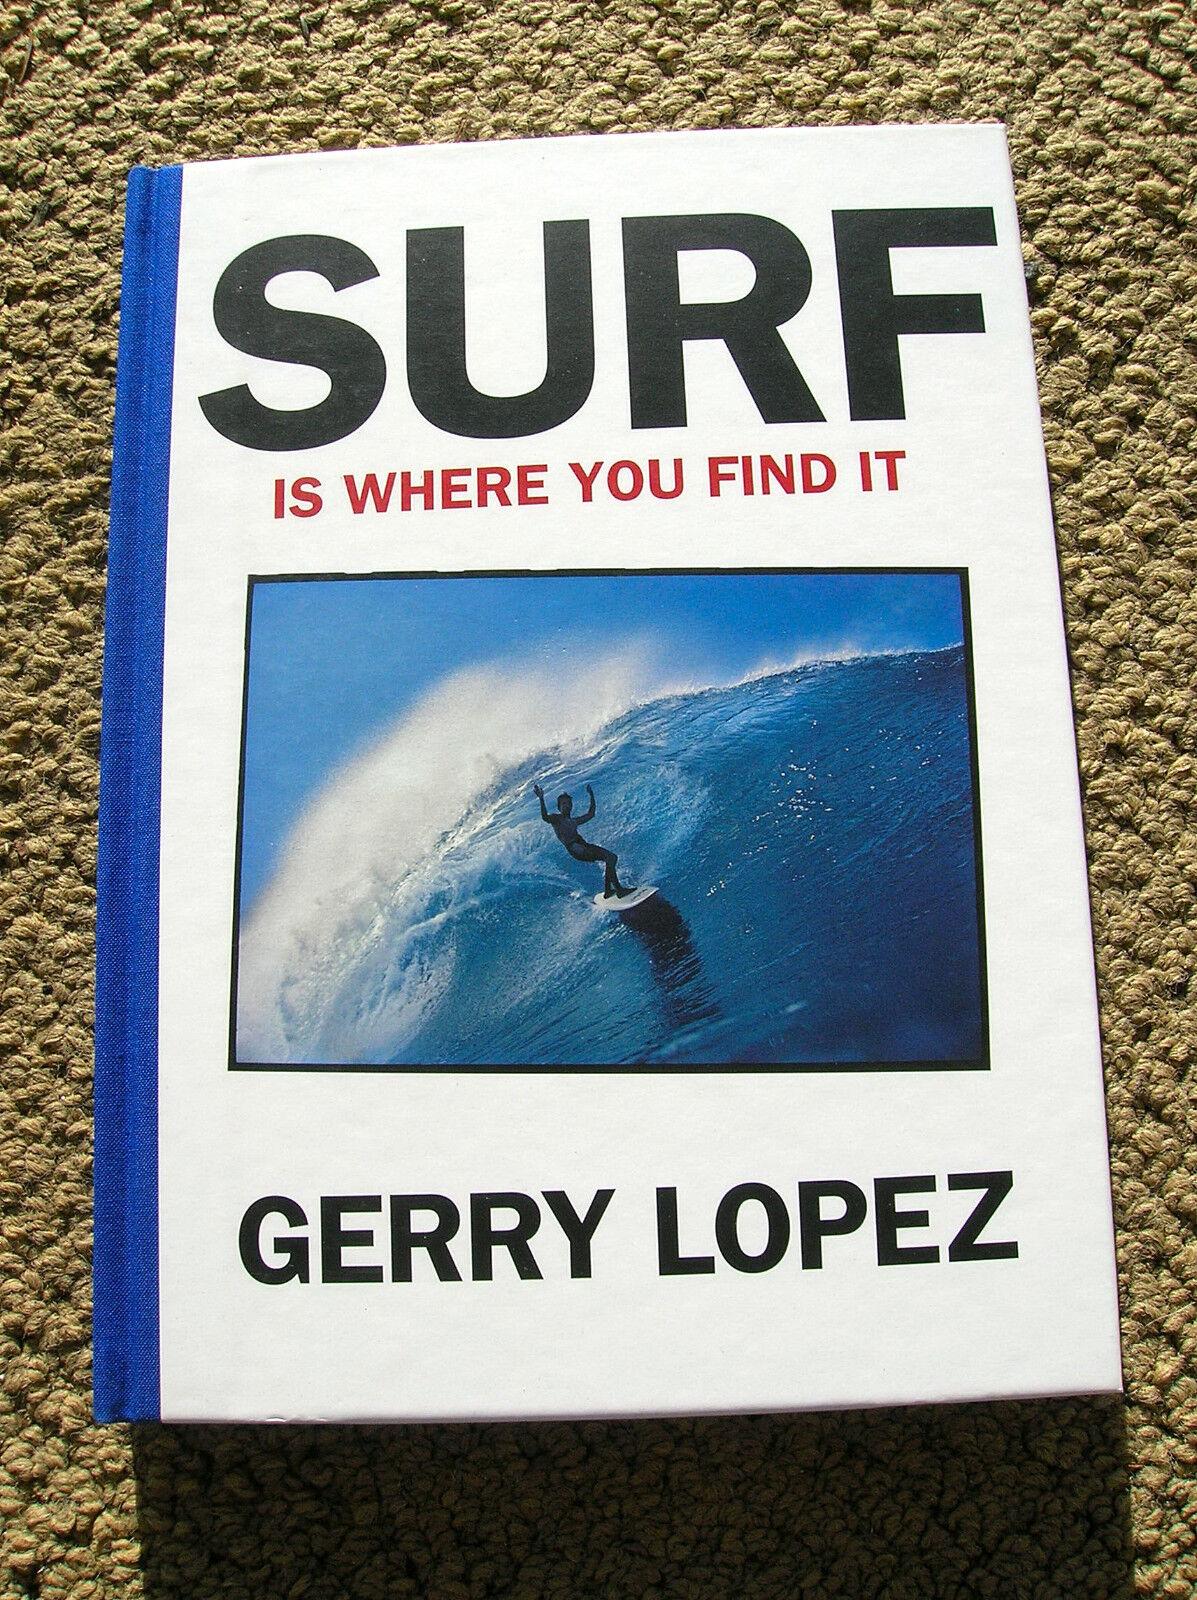 Gerry Lopez Surf Surfista Longboard libro Surf es donde usted encontrar Tabla De Surf HB